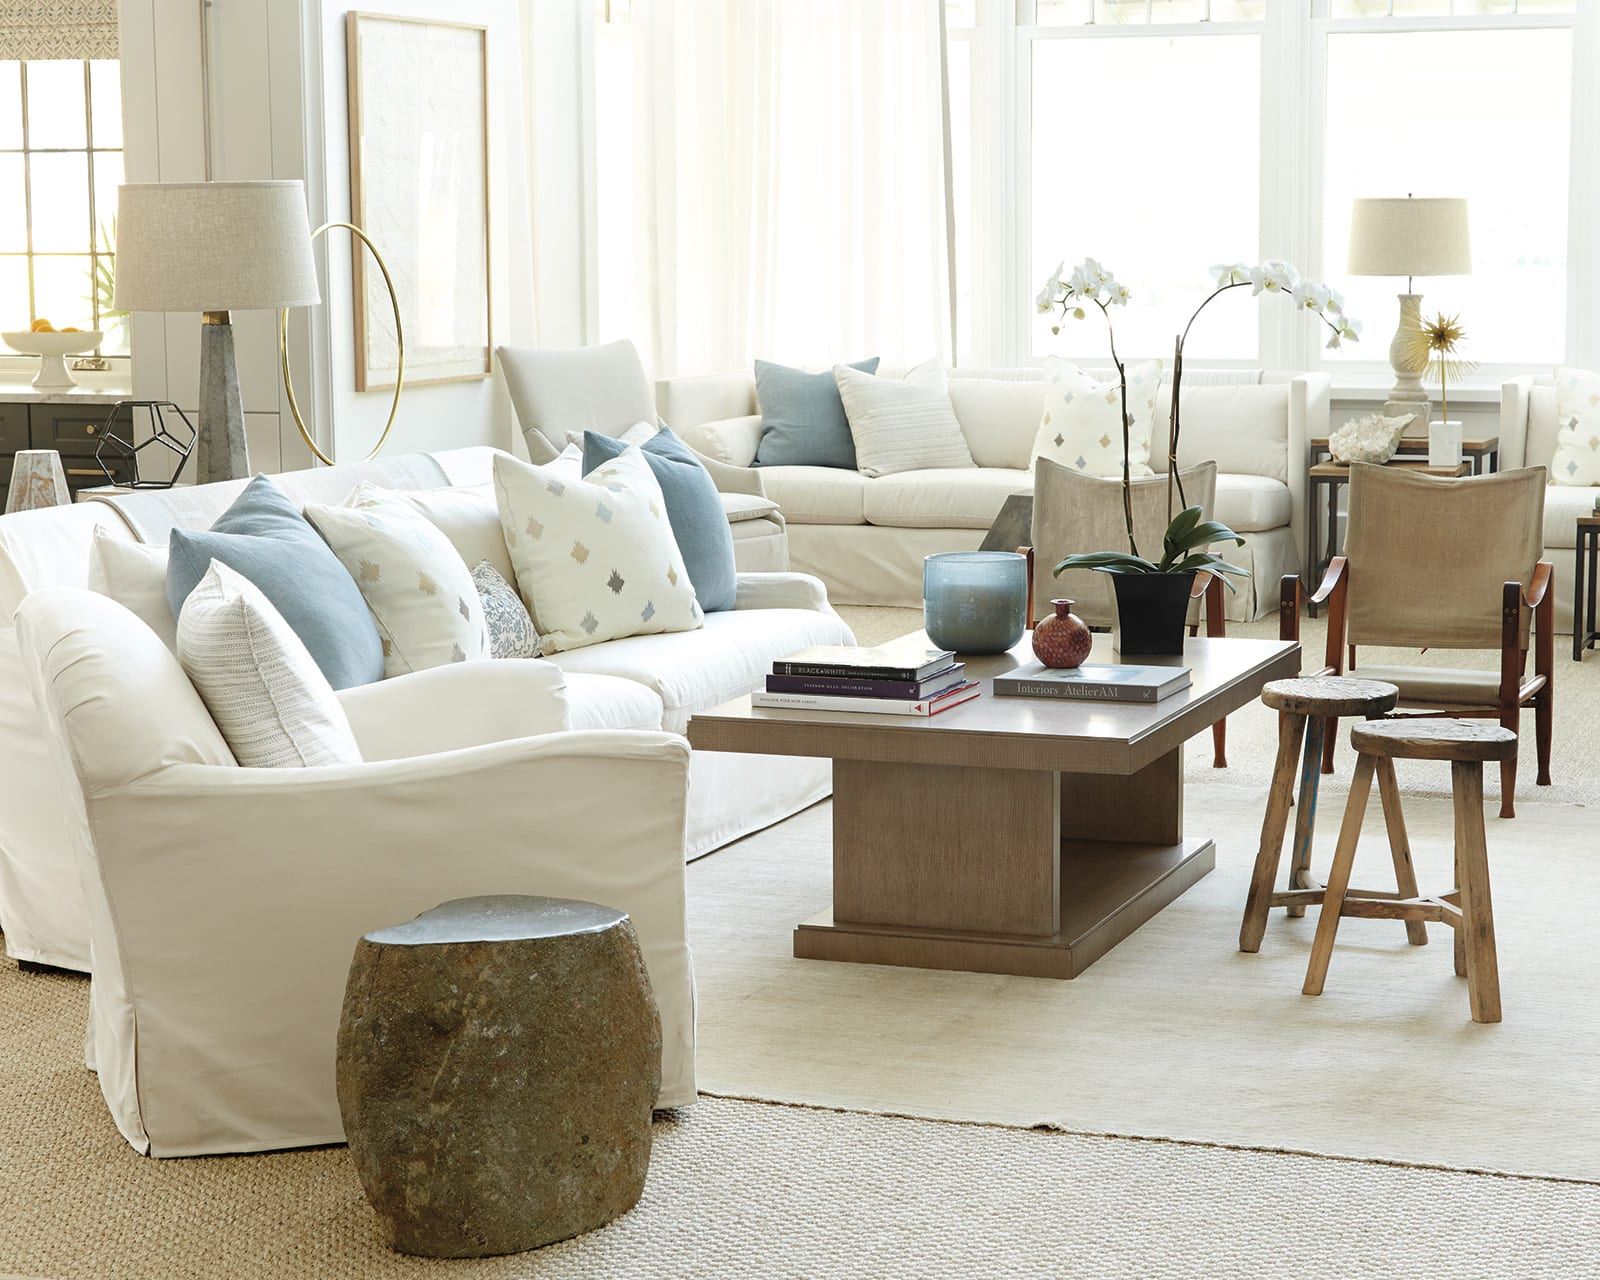 Fullsize Of Living Room Layout